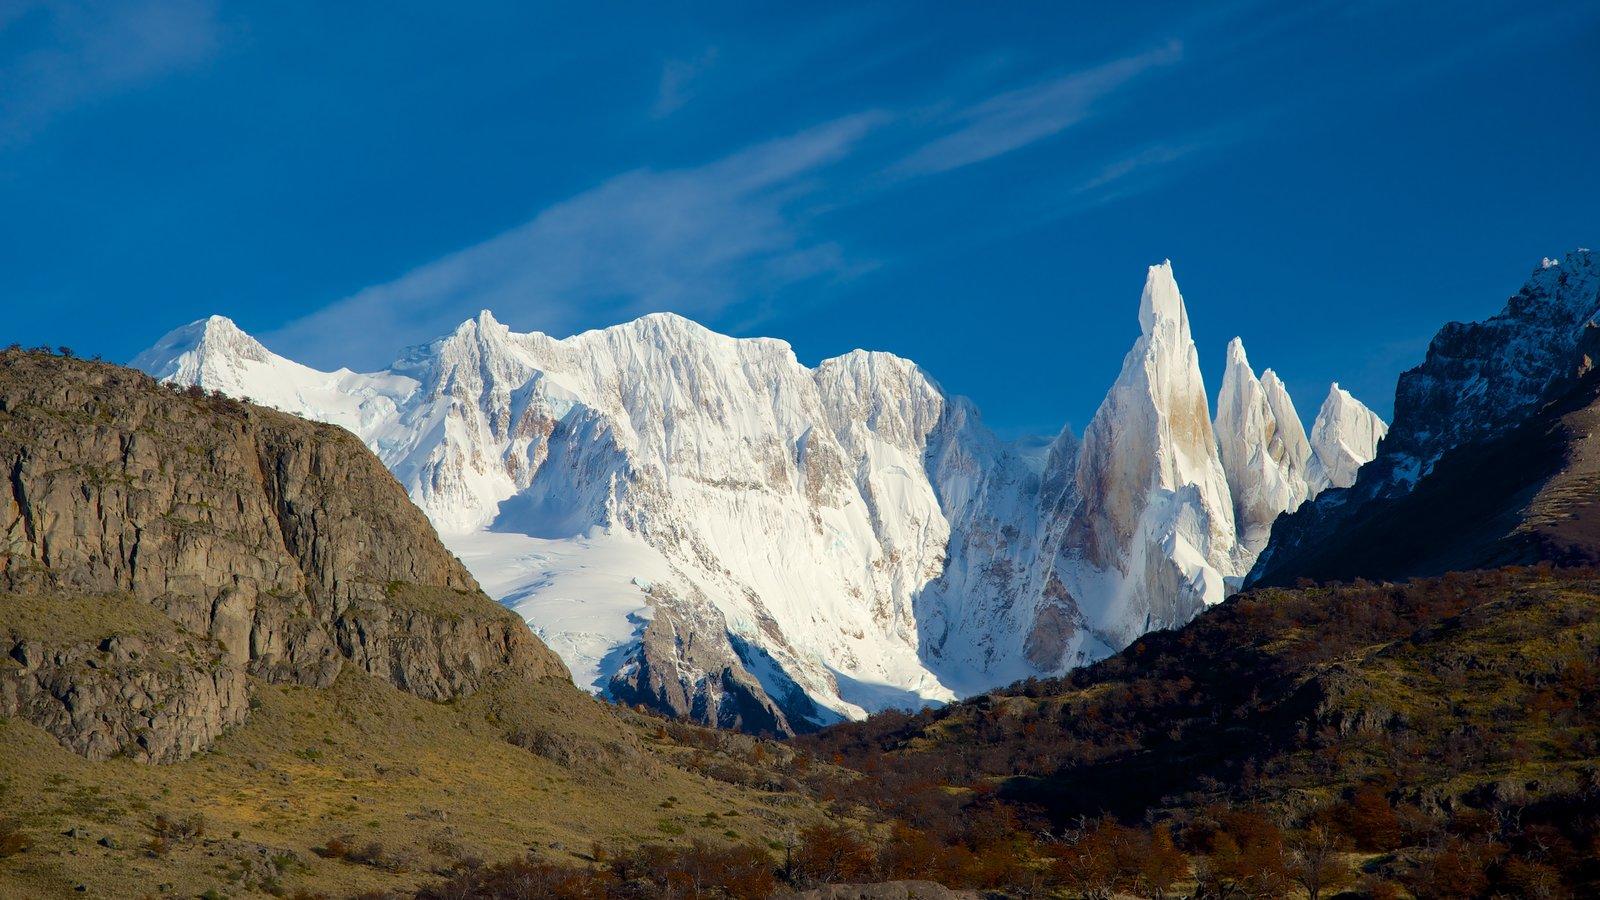 Parque Nacional Los Glaciares caracterizando paisagem, cenas tranquilas e montanhas